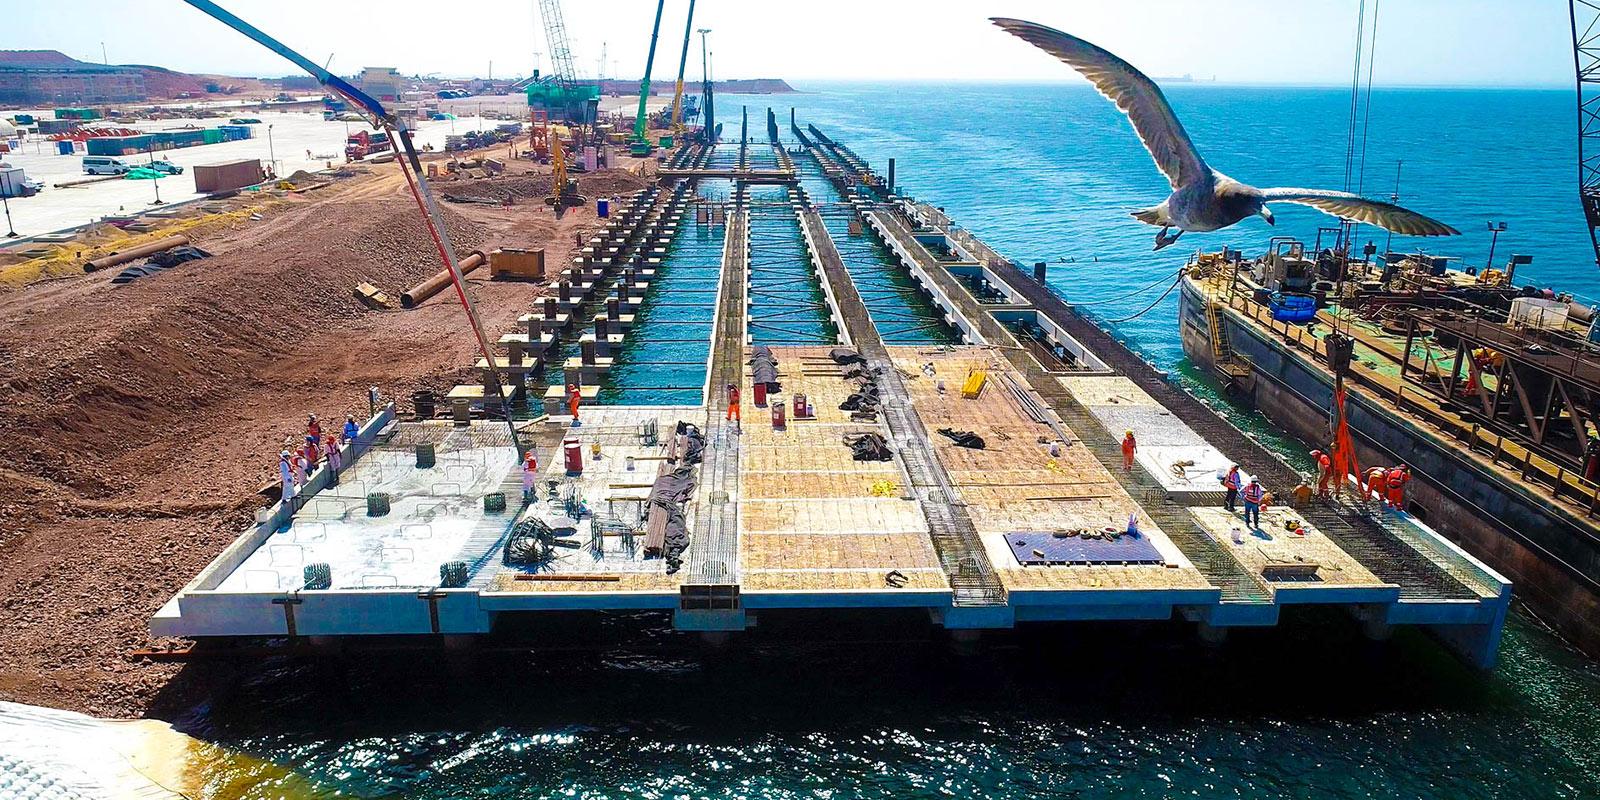 Obras del puerto general San Martín vienen aportando a la reactivación de la economía en la región Ica